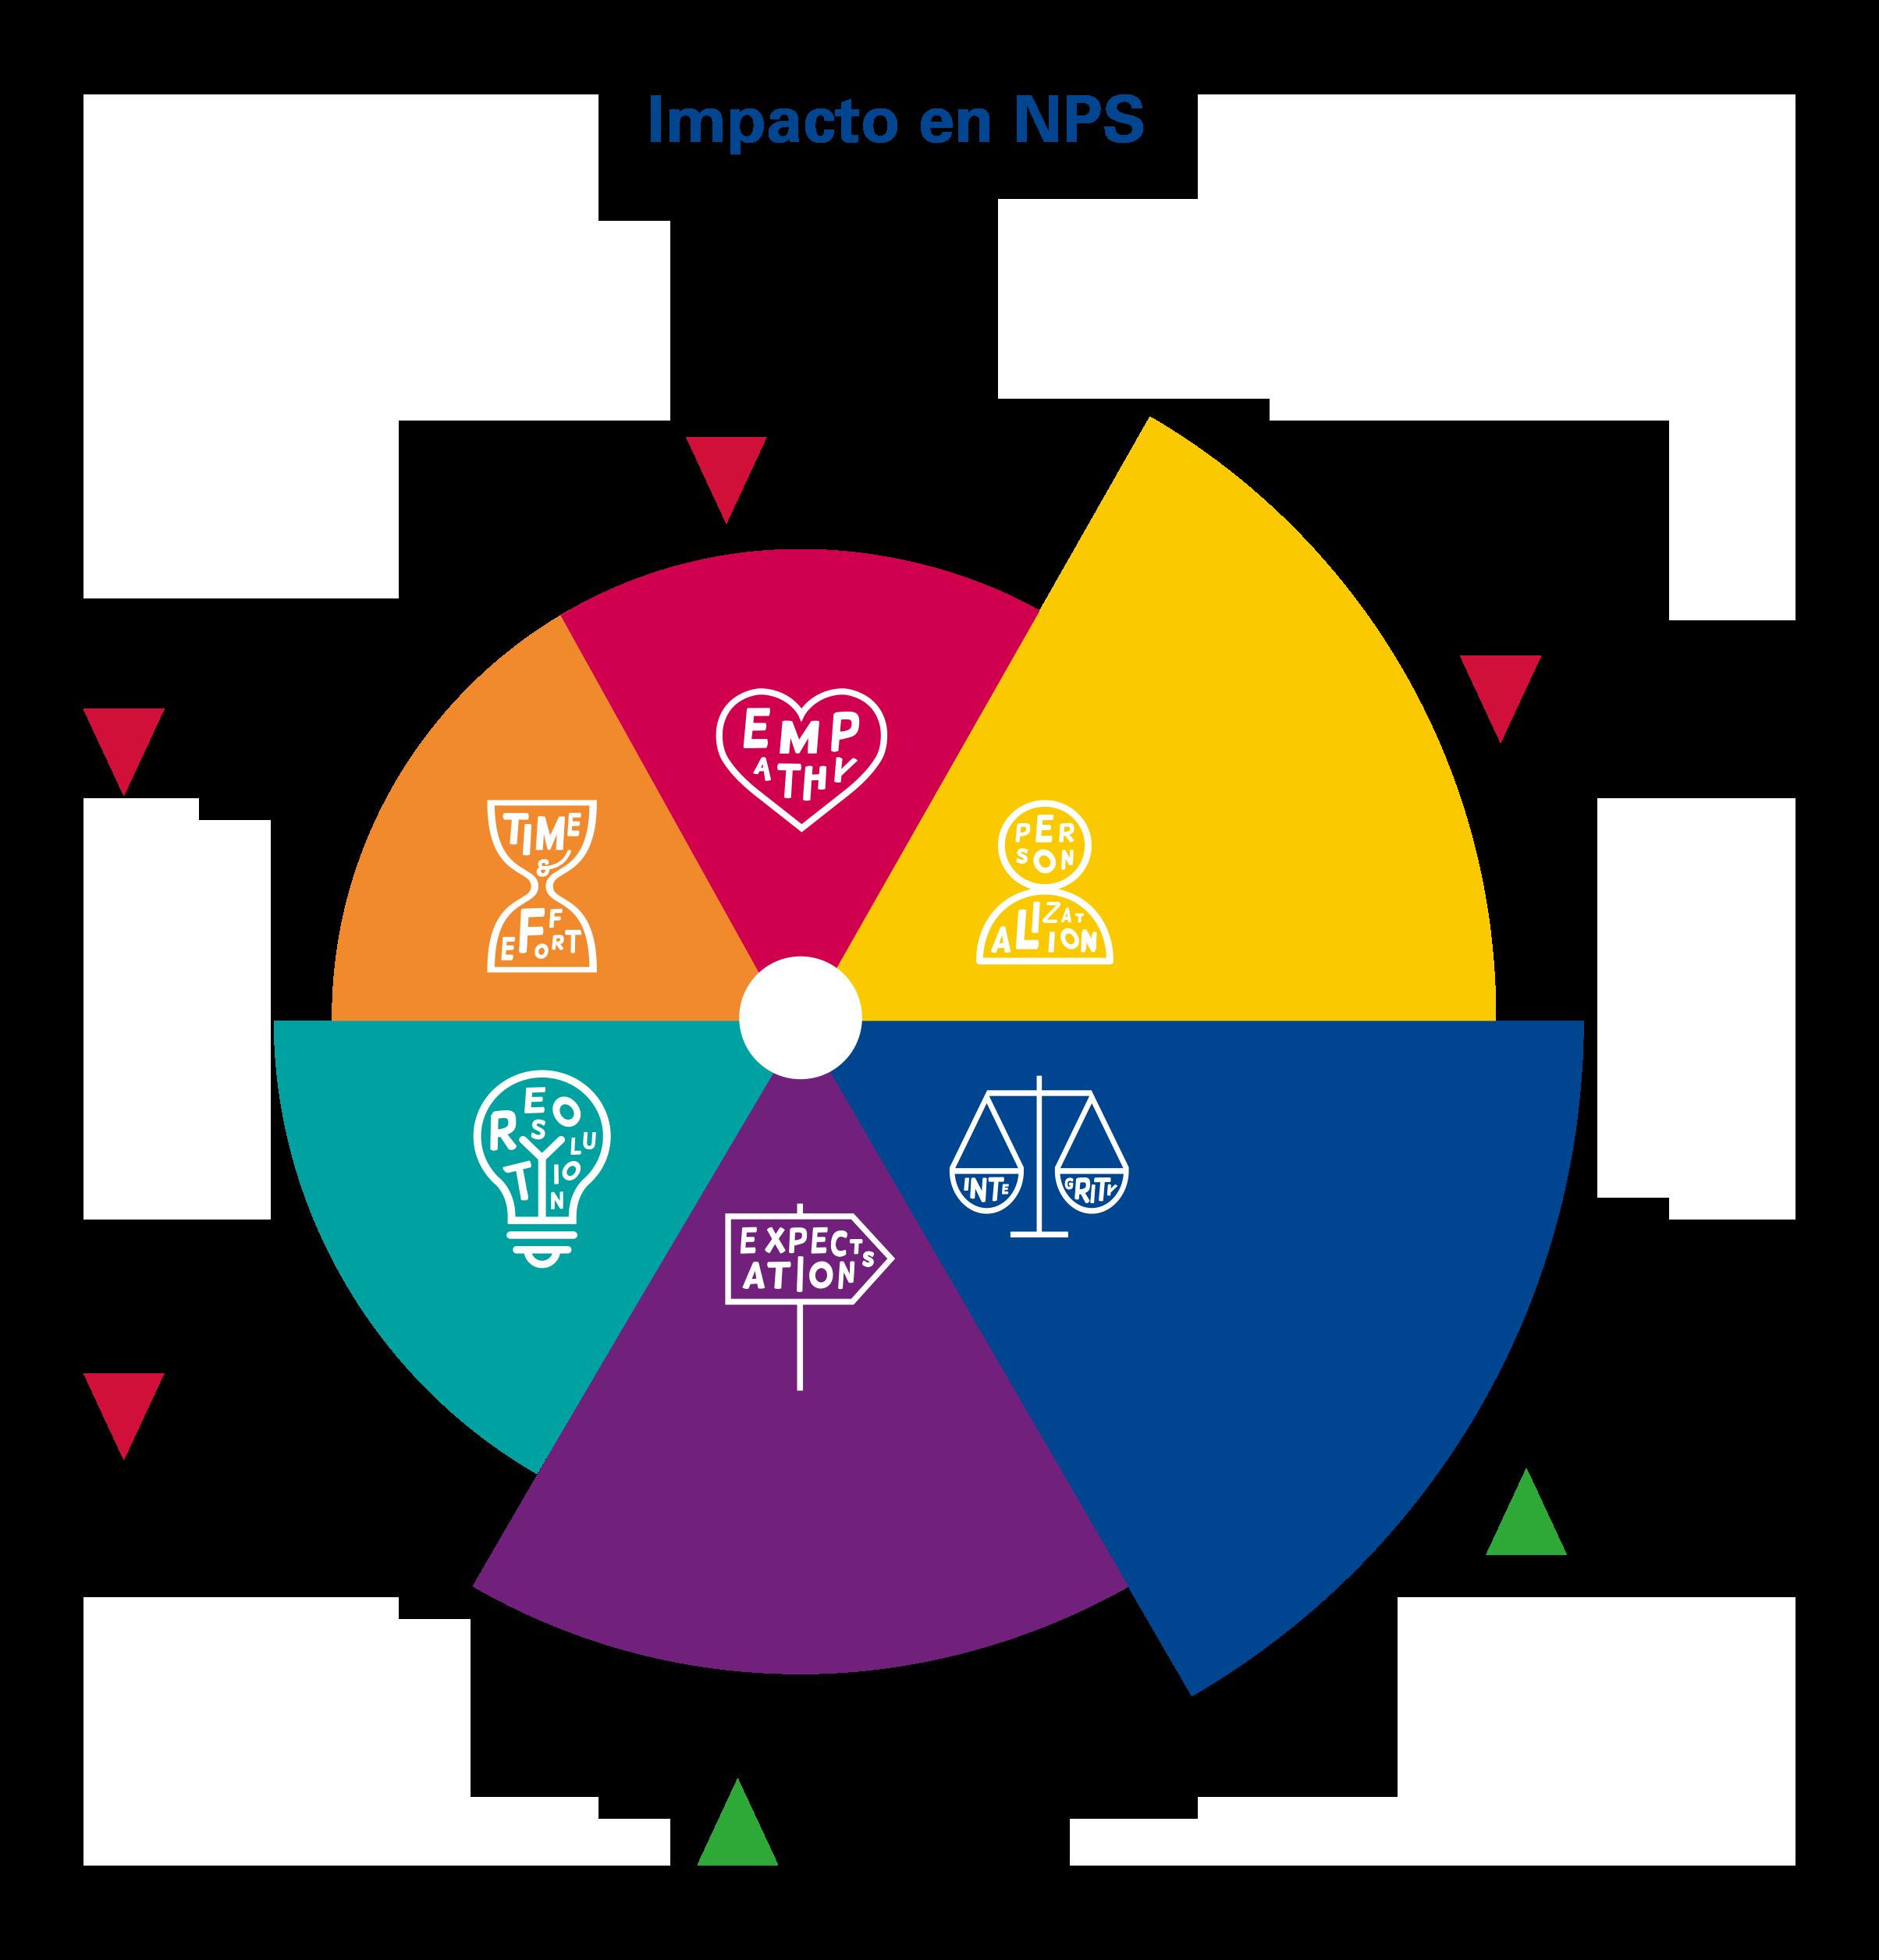 impacto de los pilares del customer experience en el NPS